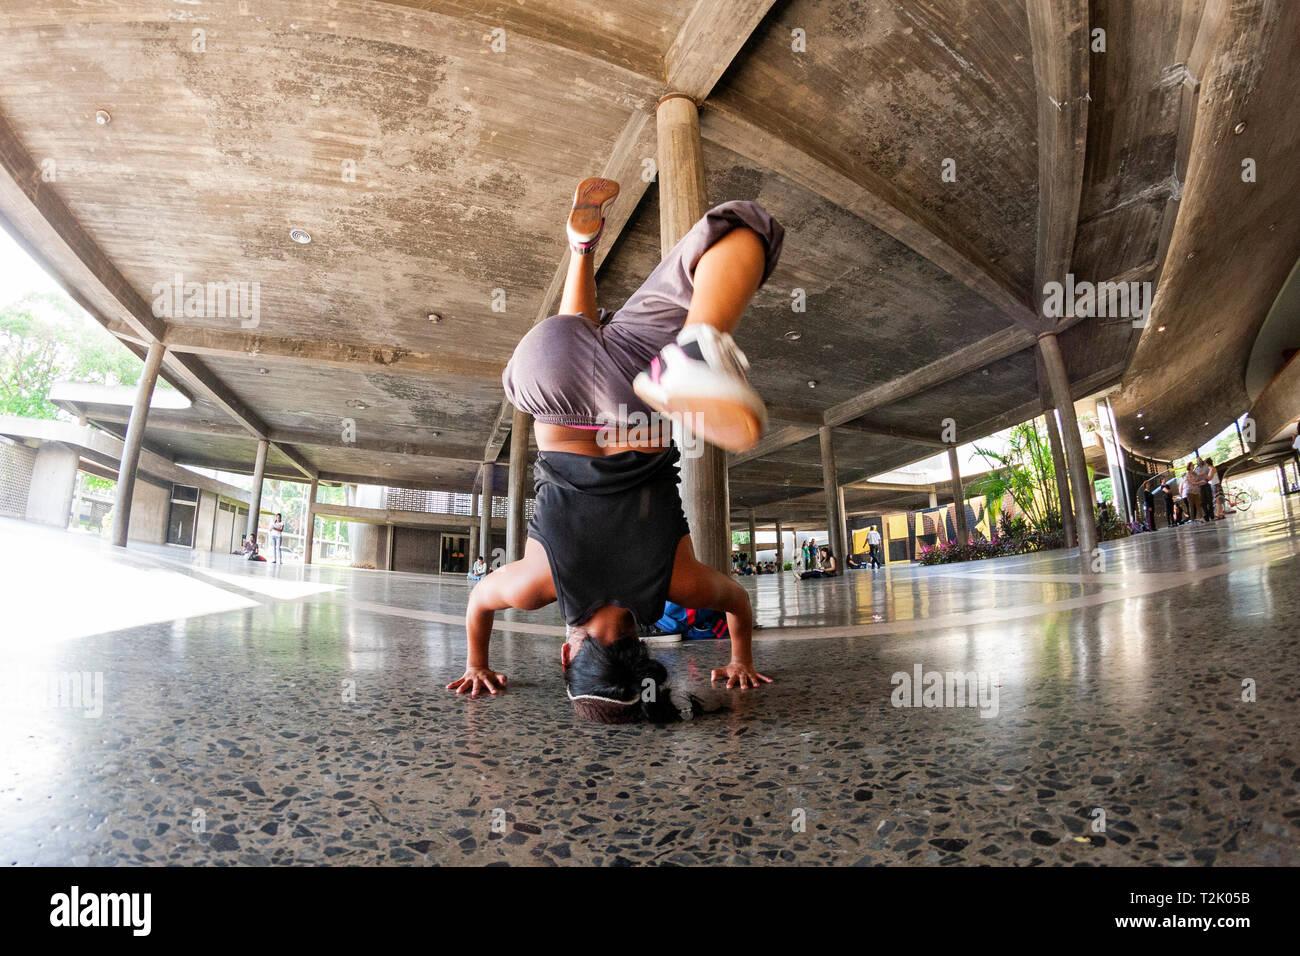 African American Break Dancing Stock Photos & African